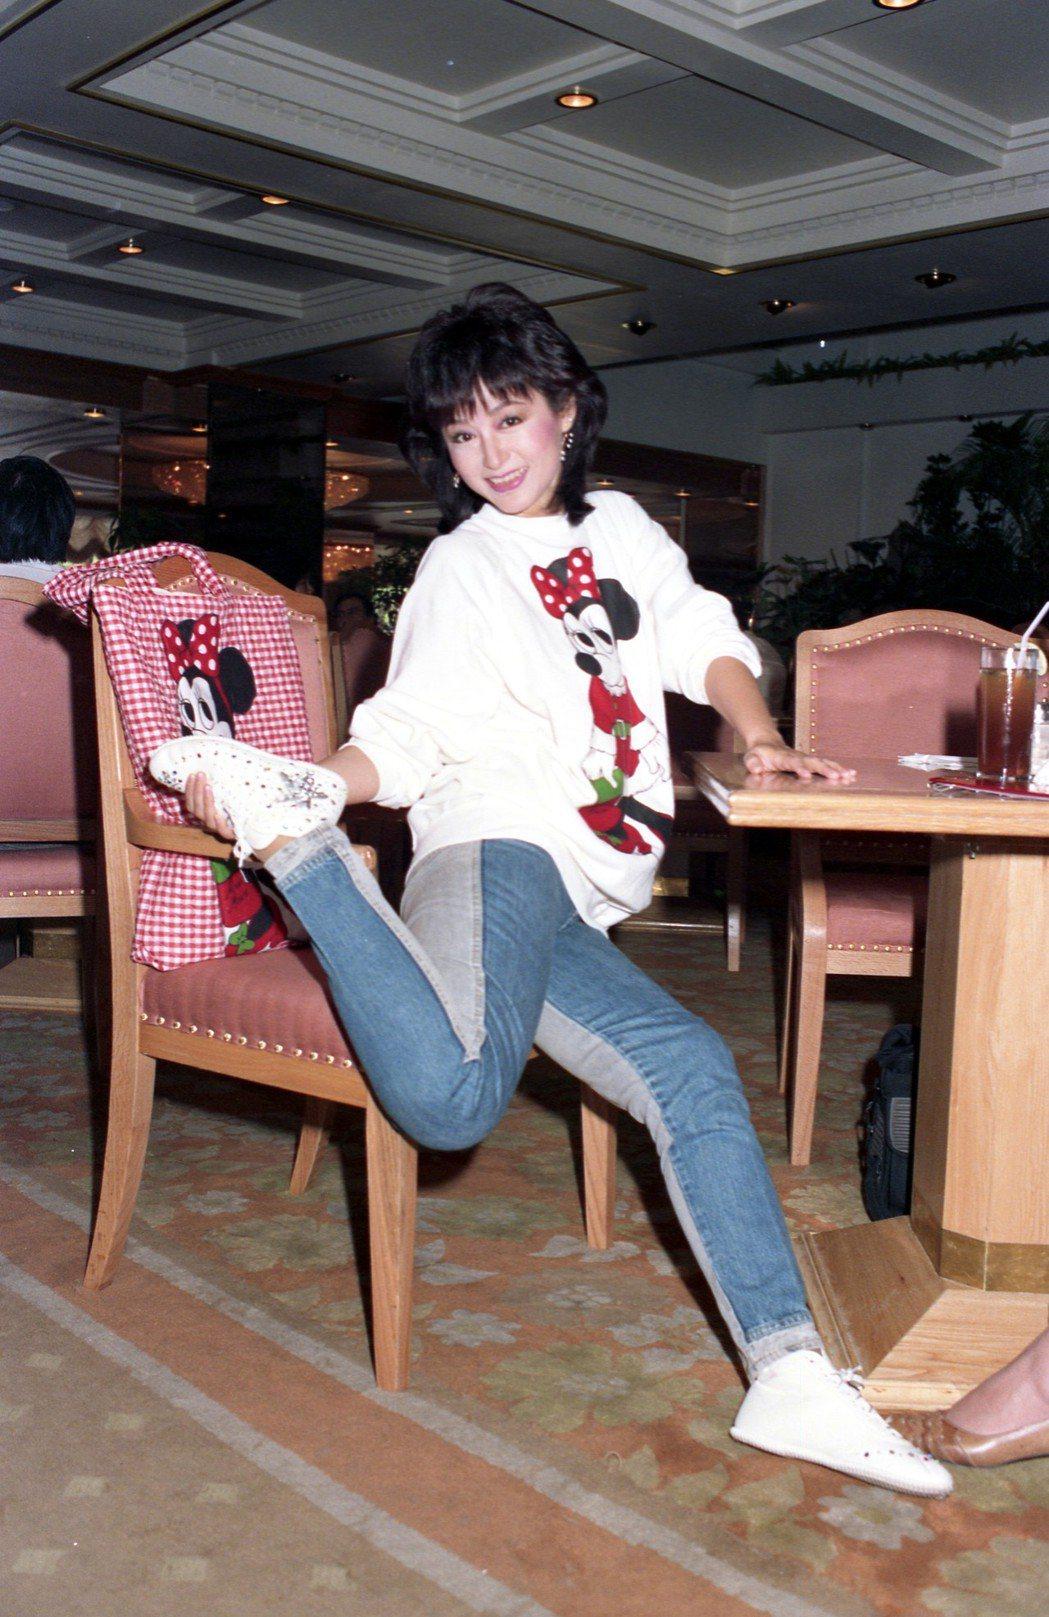 潘迎紫演時裝劇別有一股親切感,大受台灣觀眾喜愛。圖/報系資料照片